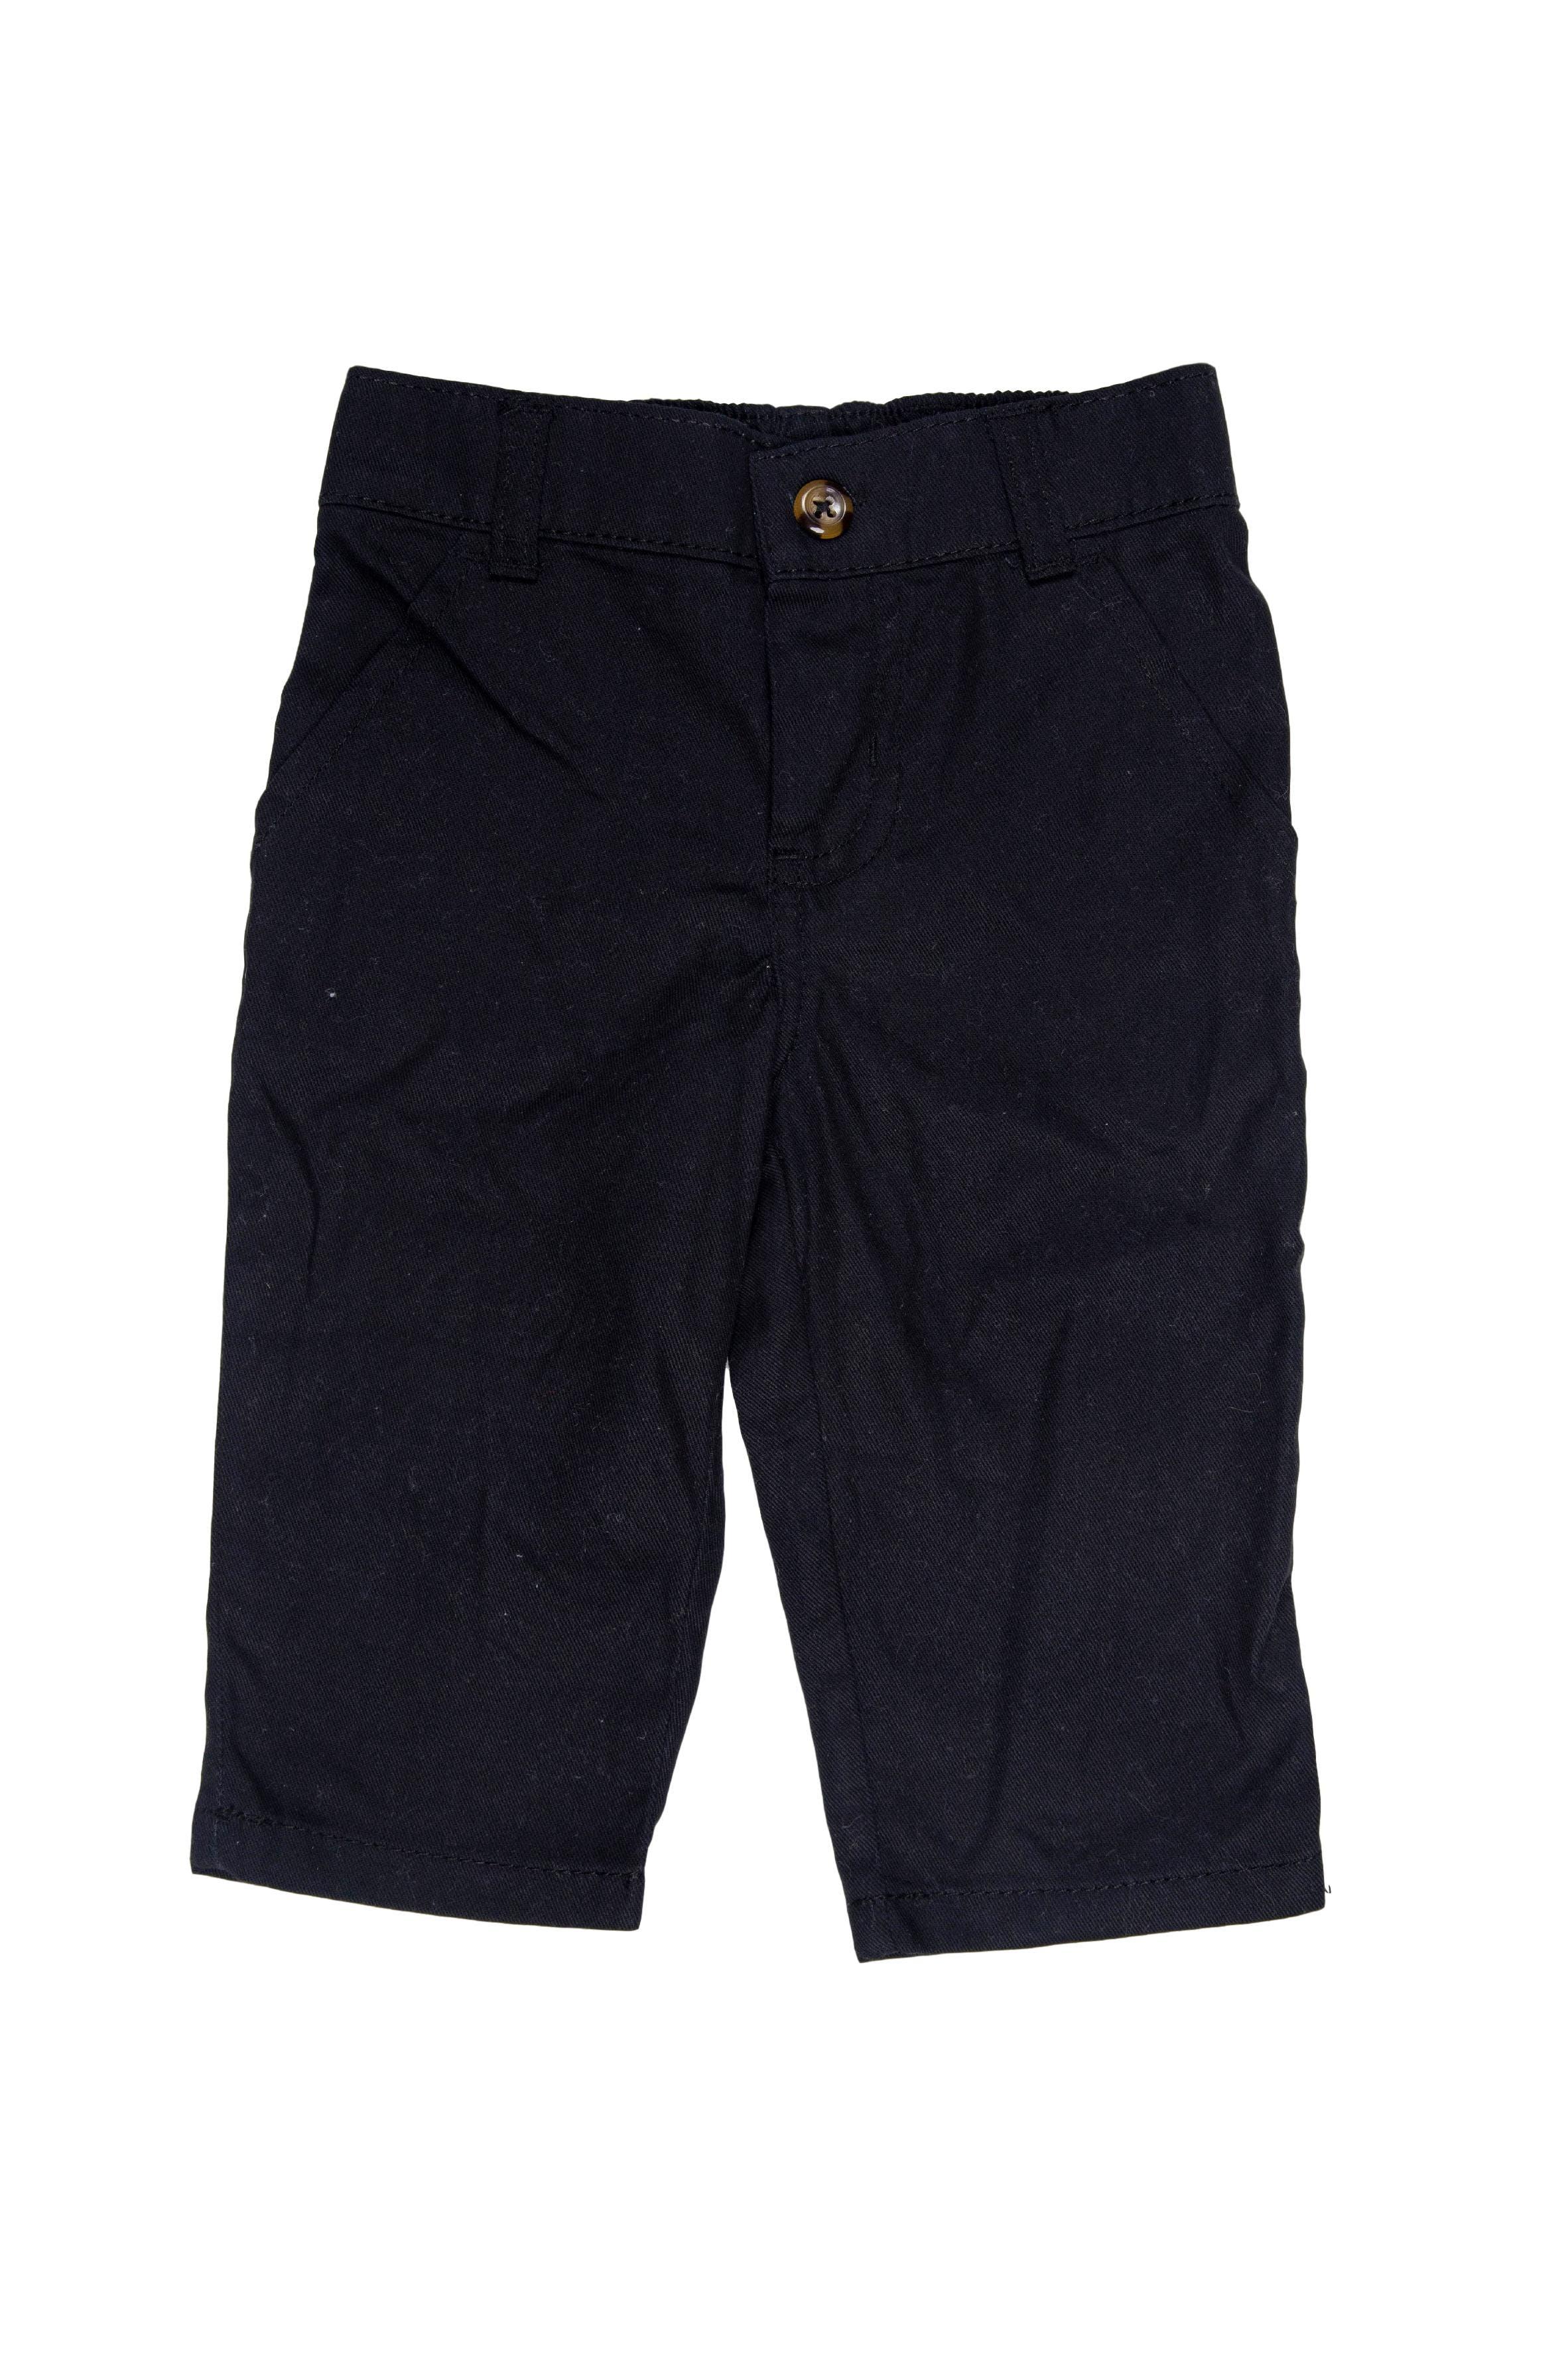 pantalon negro contira elástica 100% algodón - Carter's